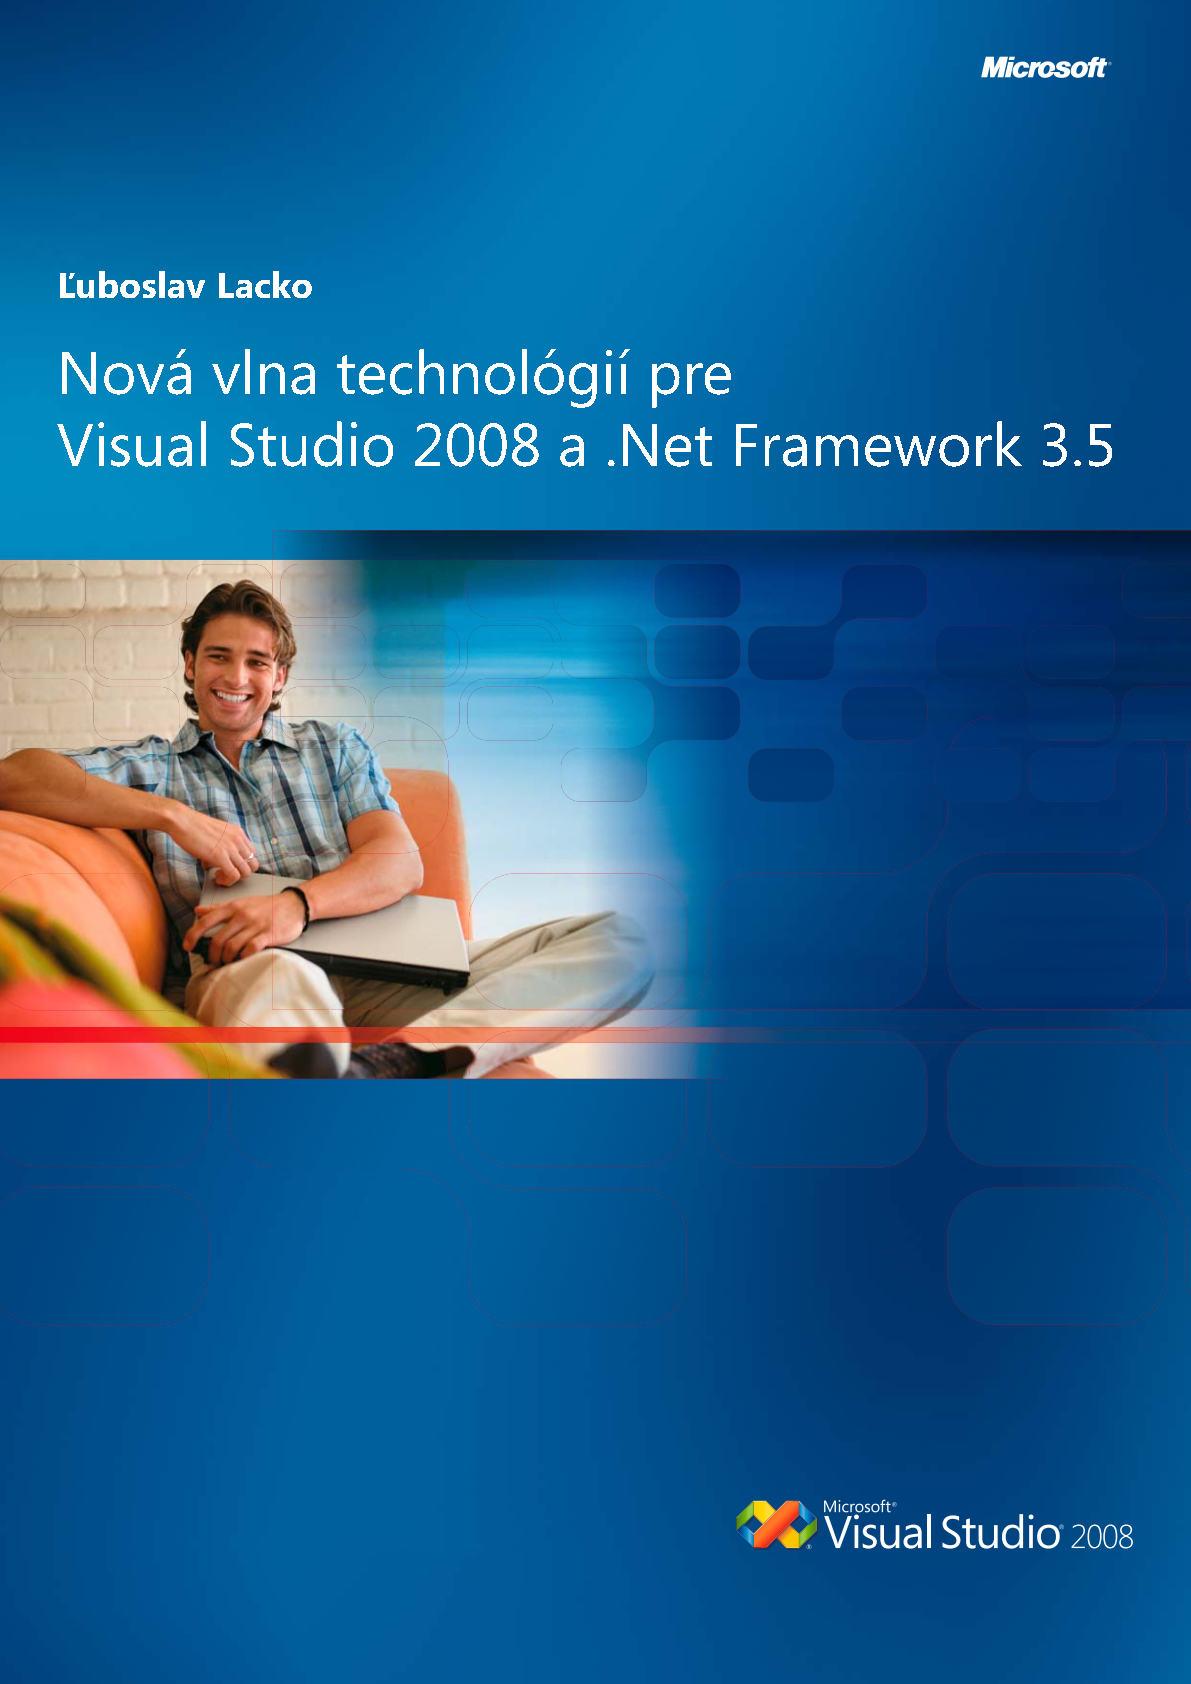 Nová vlna technológií pre Visual Studio 2008 a .Net Framework 3.5